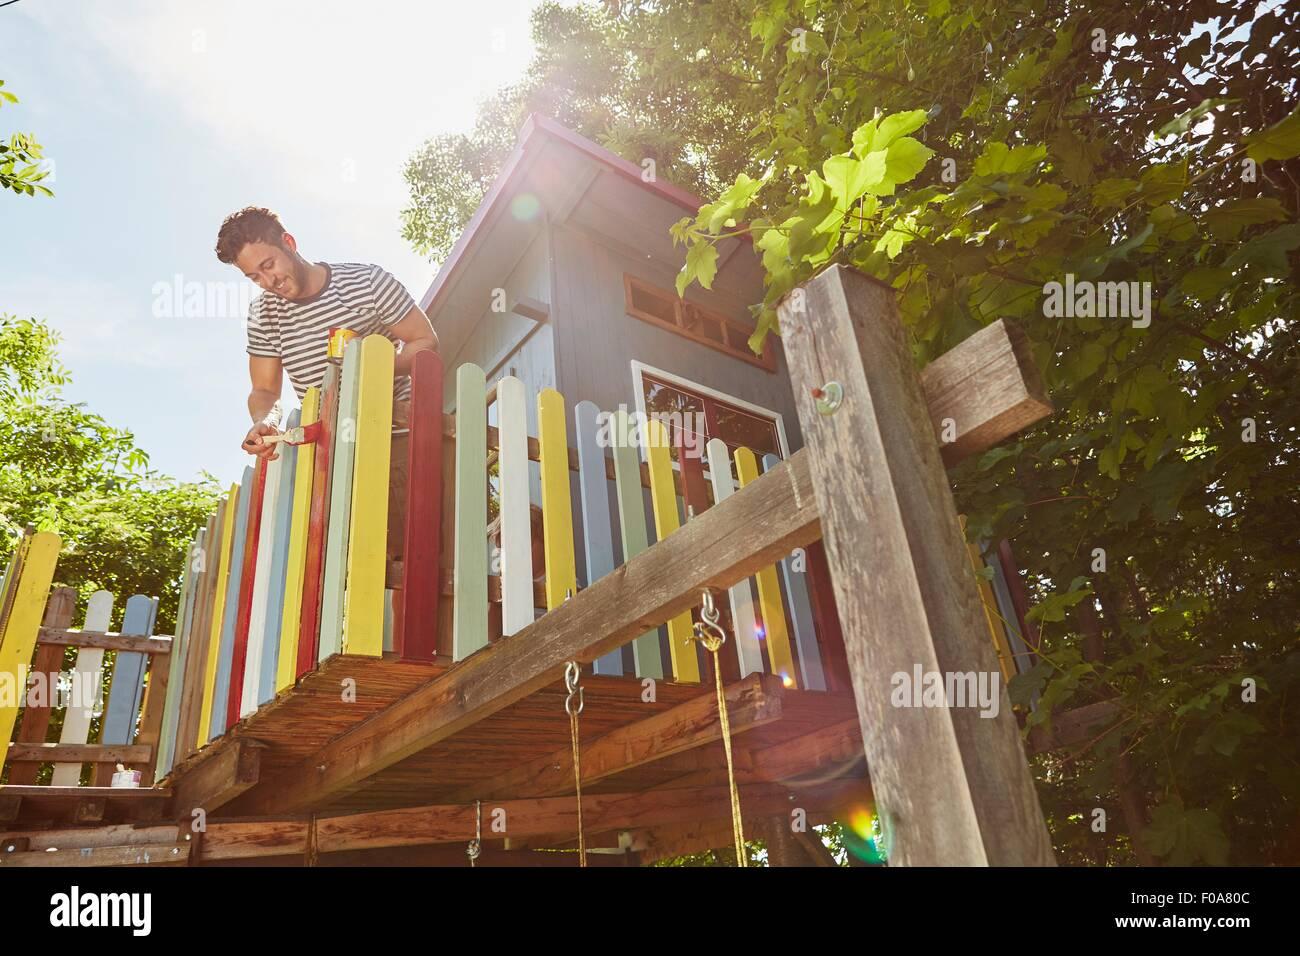 Pintura Joven Tree House, vista de ángulo bajo Imagen De Stock